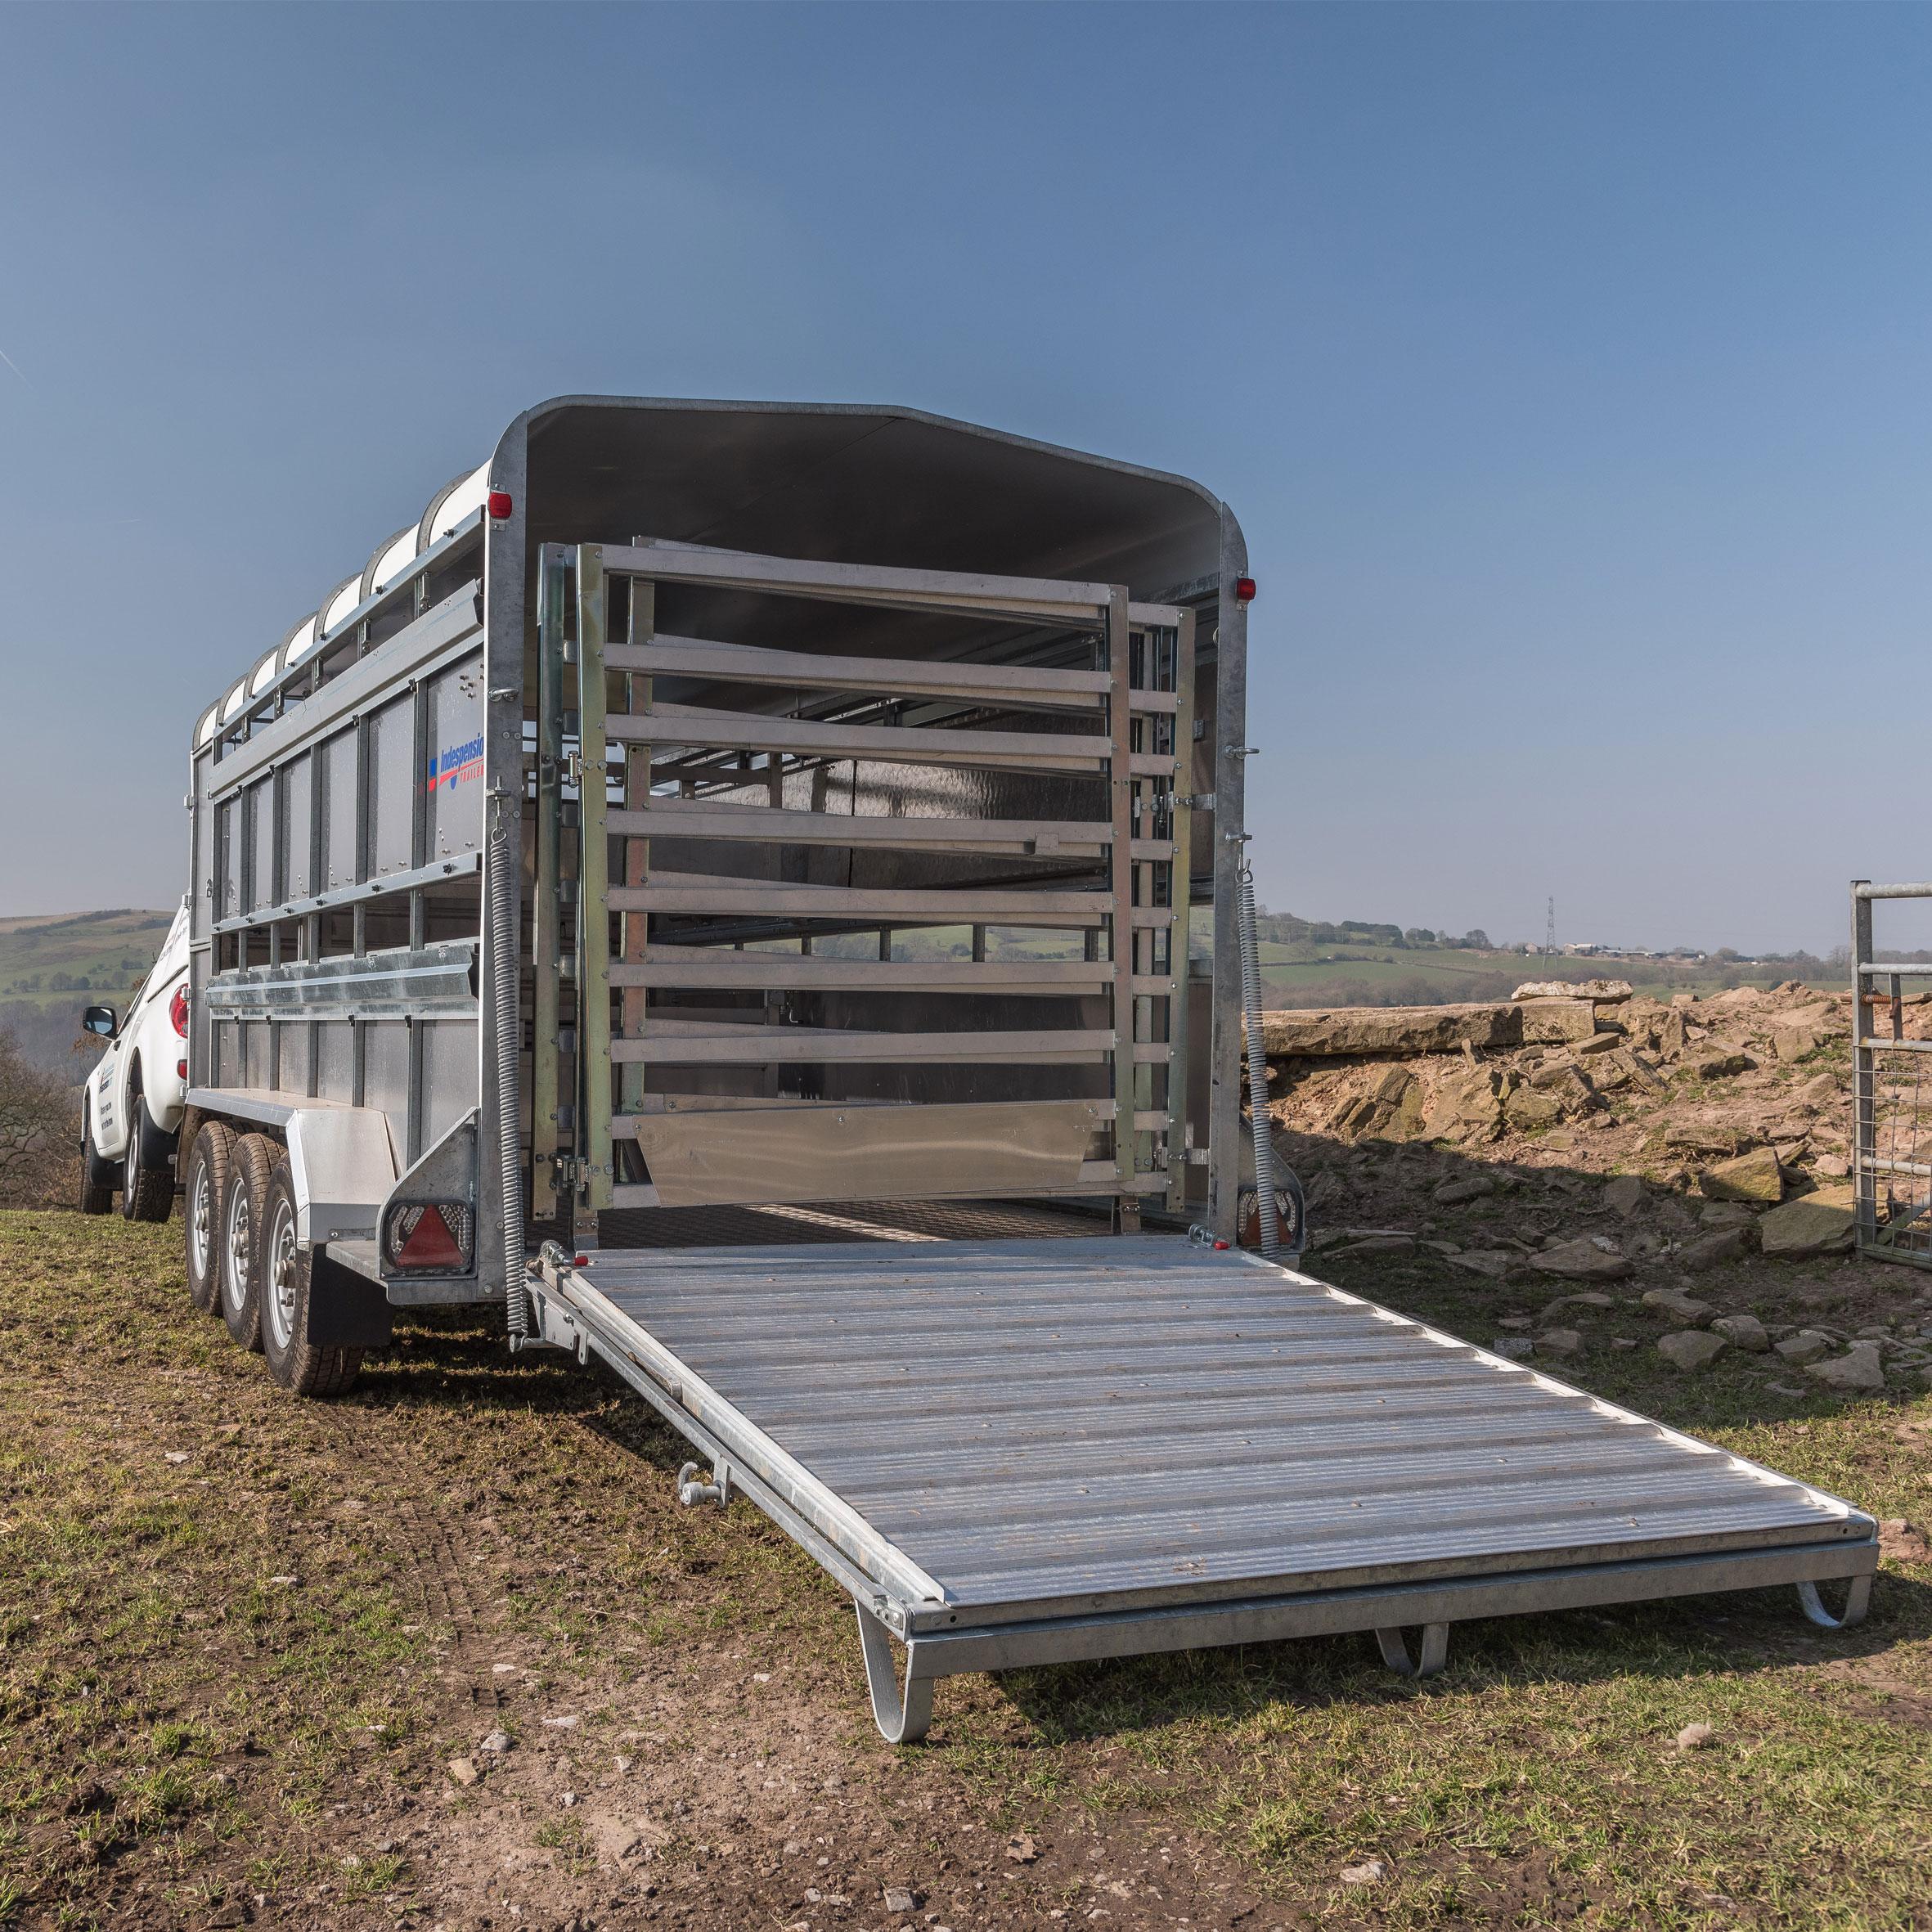 Livestock-Just-Arrived-Image-1.jpg